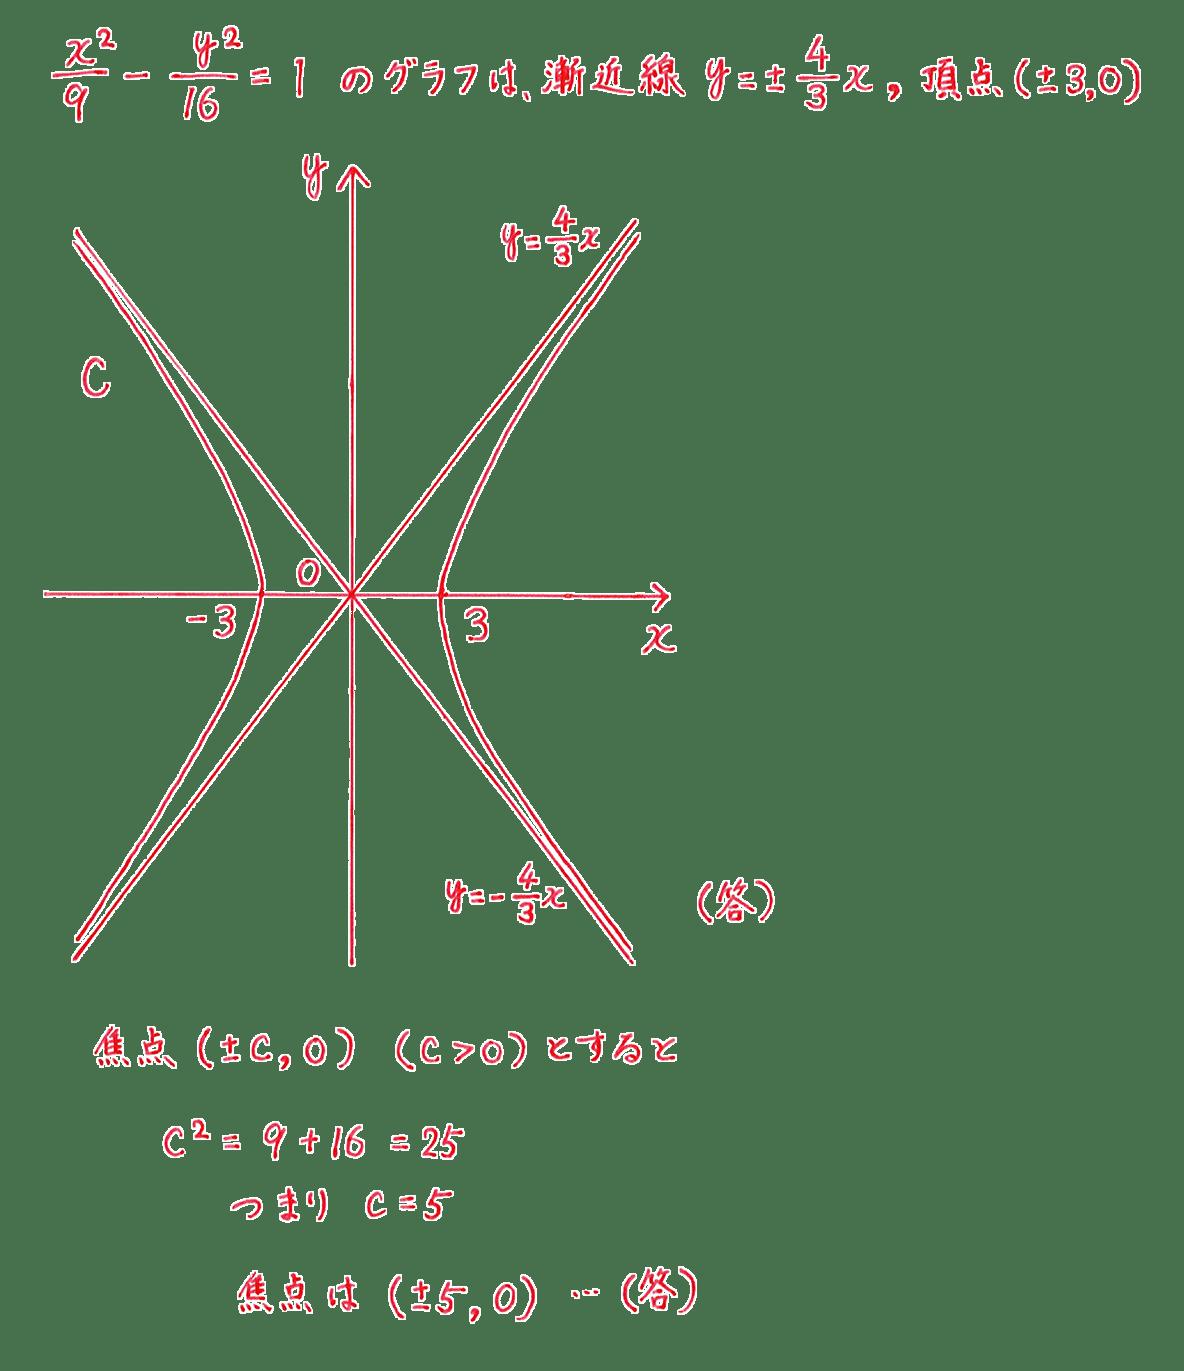 式と曲線10 問題2 解答 図も含むすべて